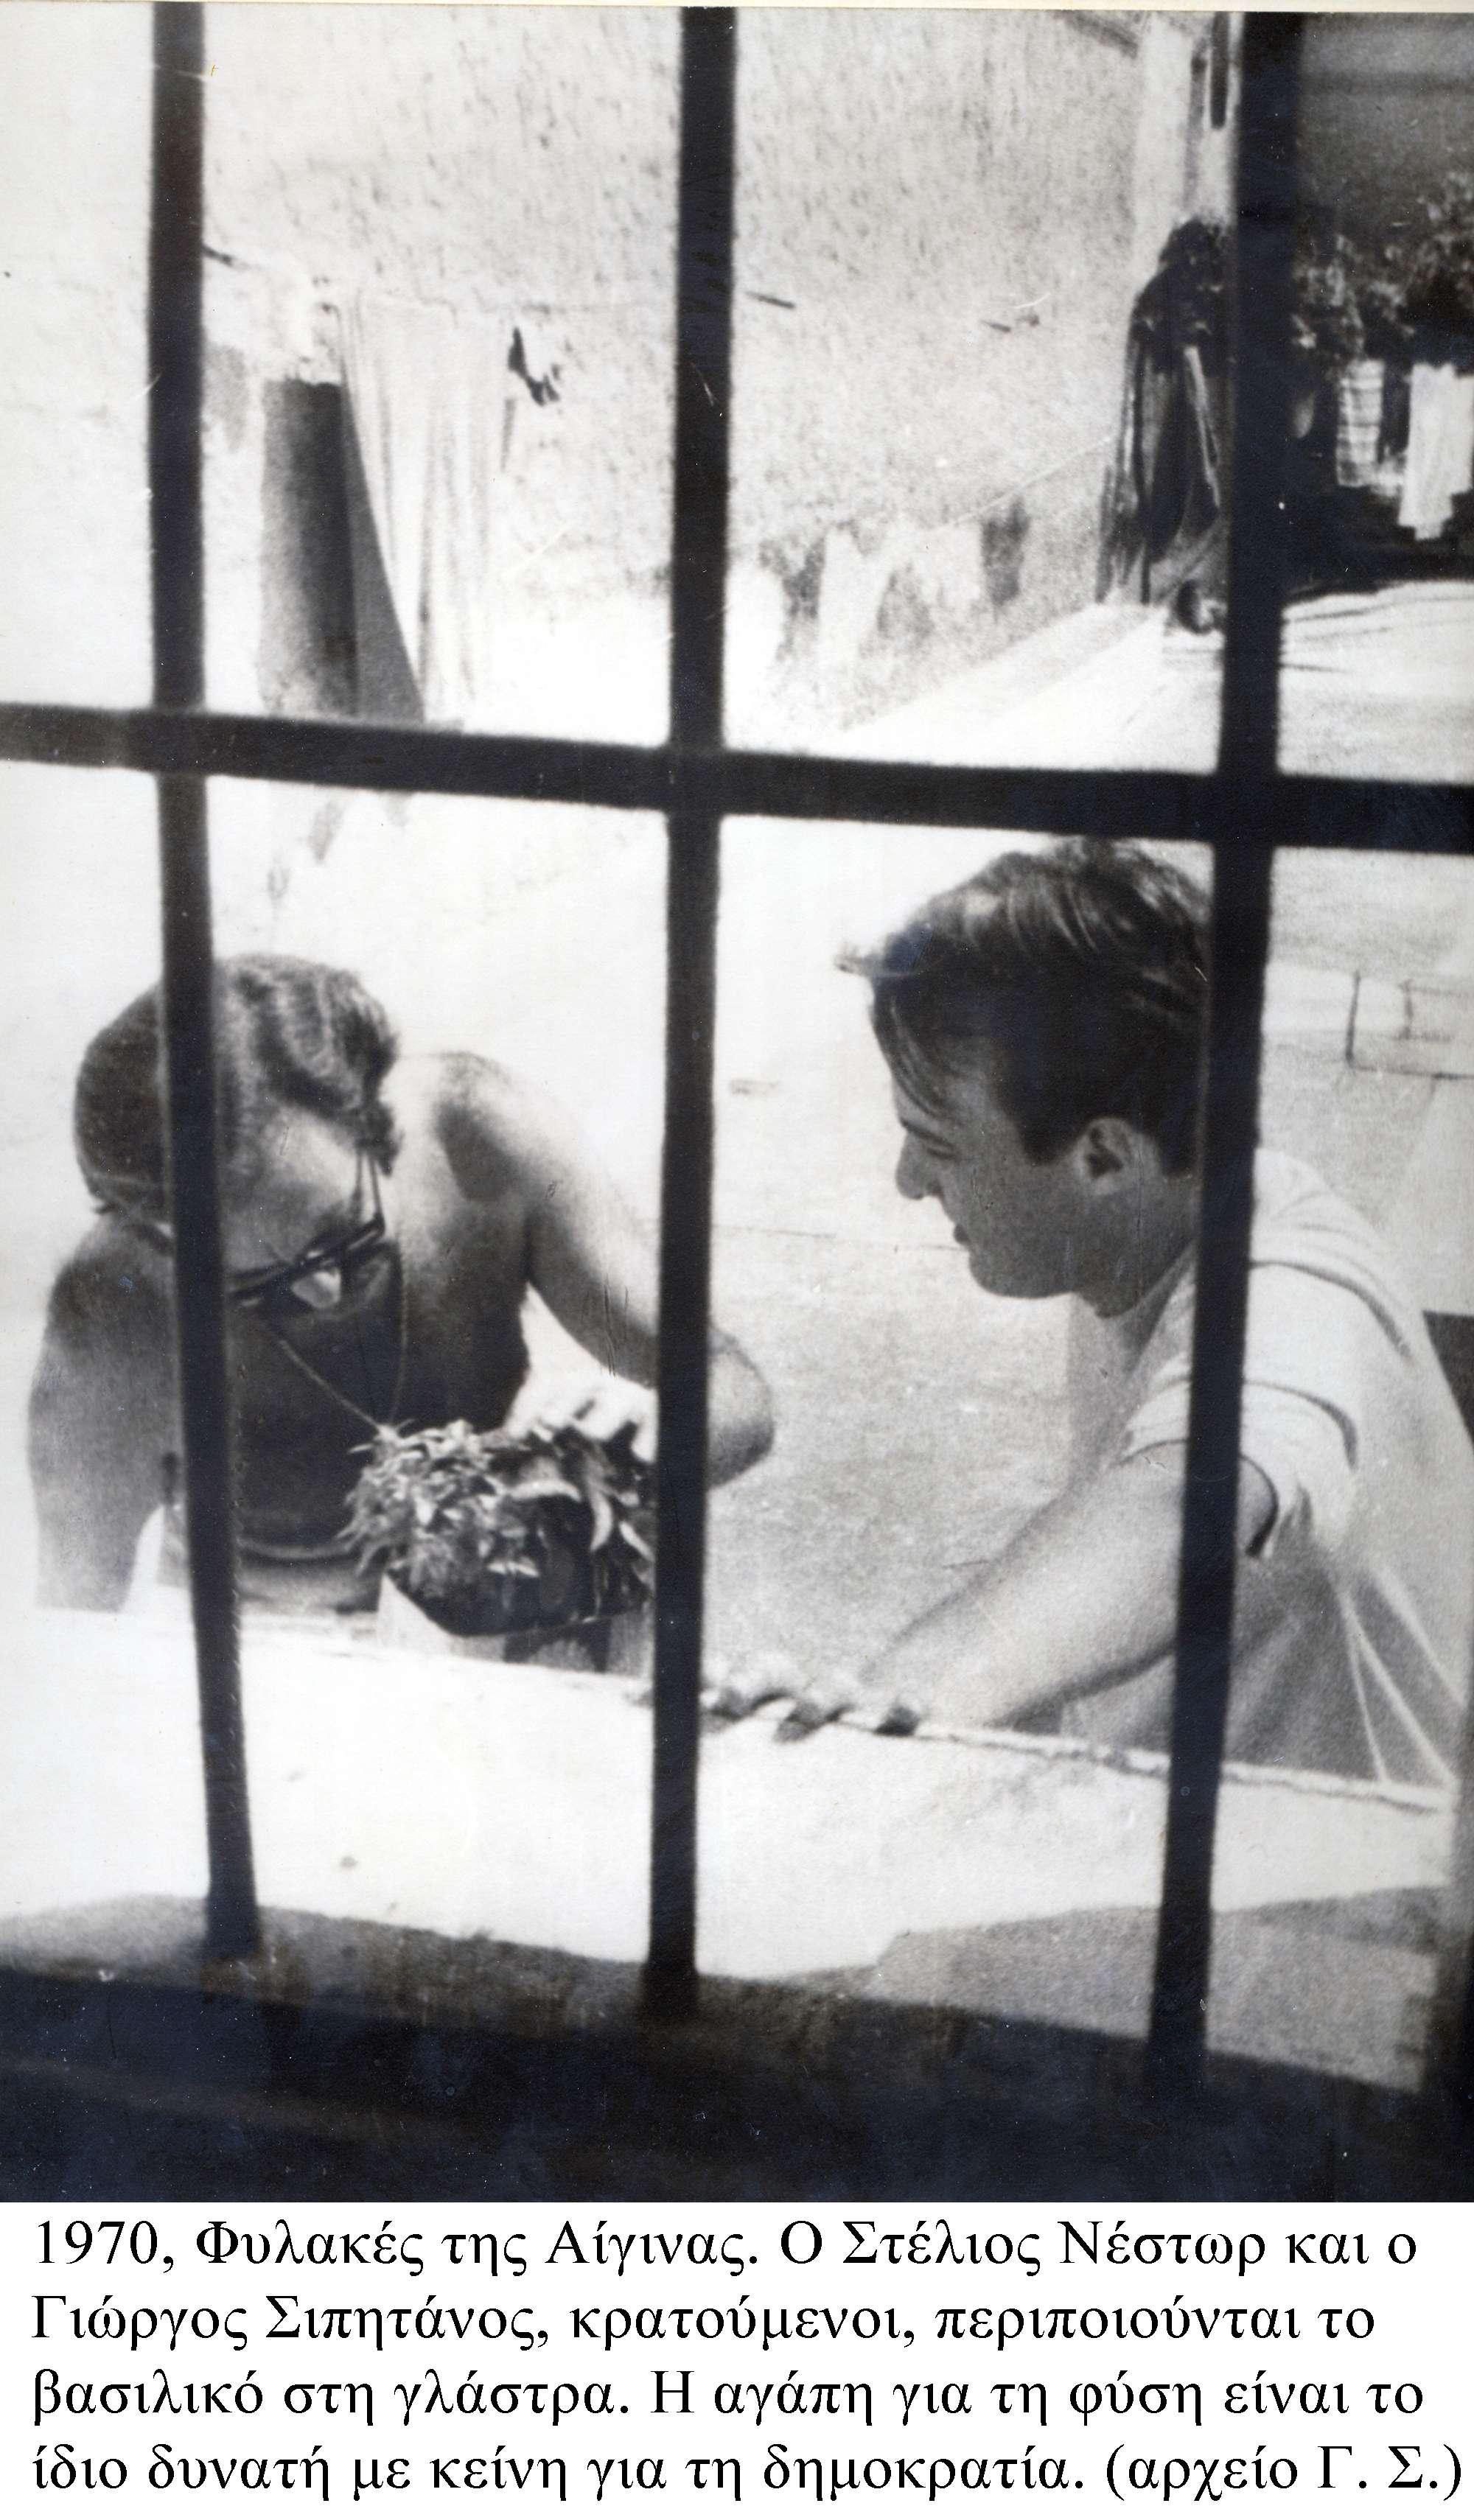 Φυλακές της Αίγινας. 1970.